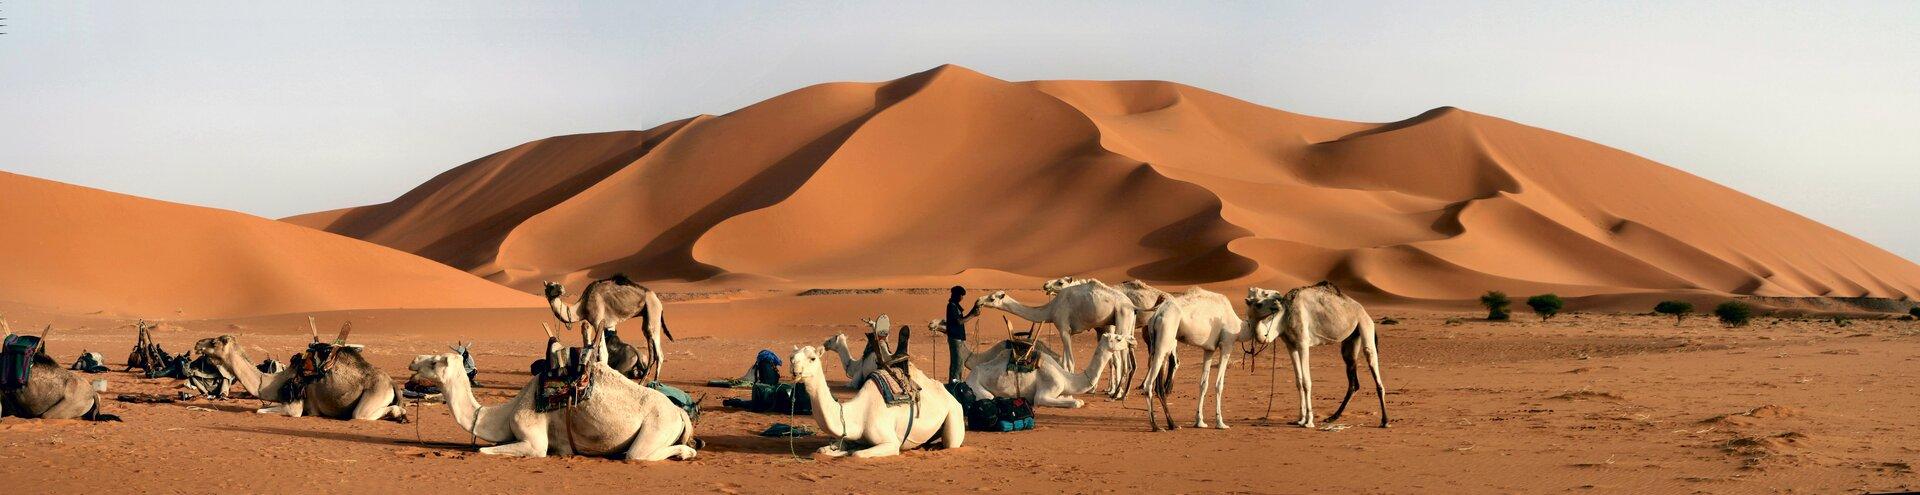 Na zdjęciu pustynia piaszczysta. Na pierwszym planie stado wielbłądów na płaskim terenie. Na drugim planie piaszczyste wydmy. Piasek wkolorze ceglastym. Na horyzoncie niebo.